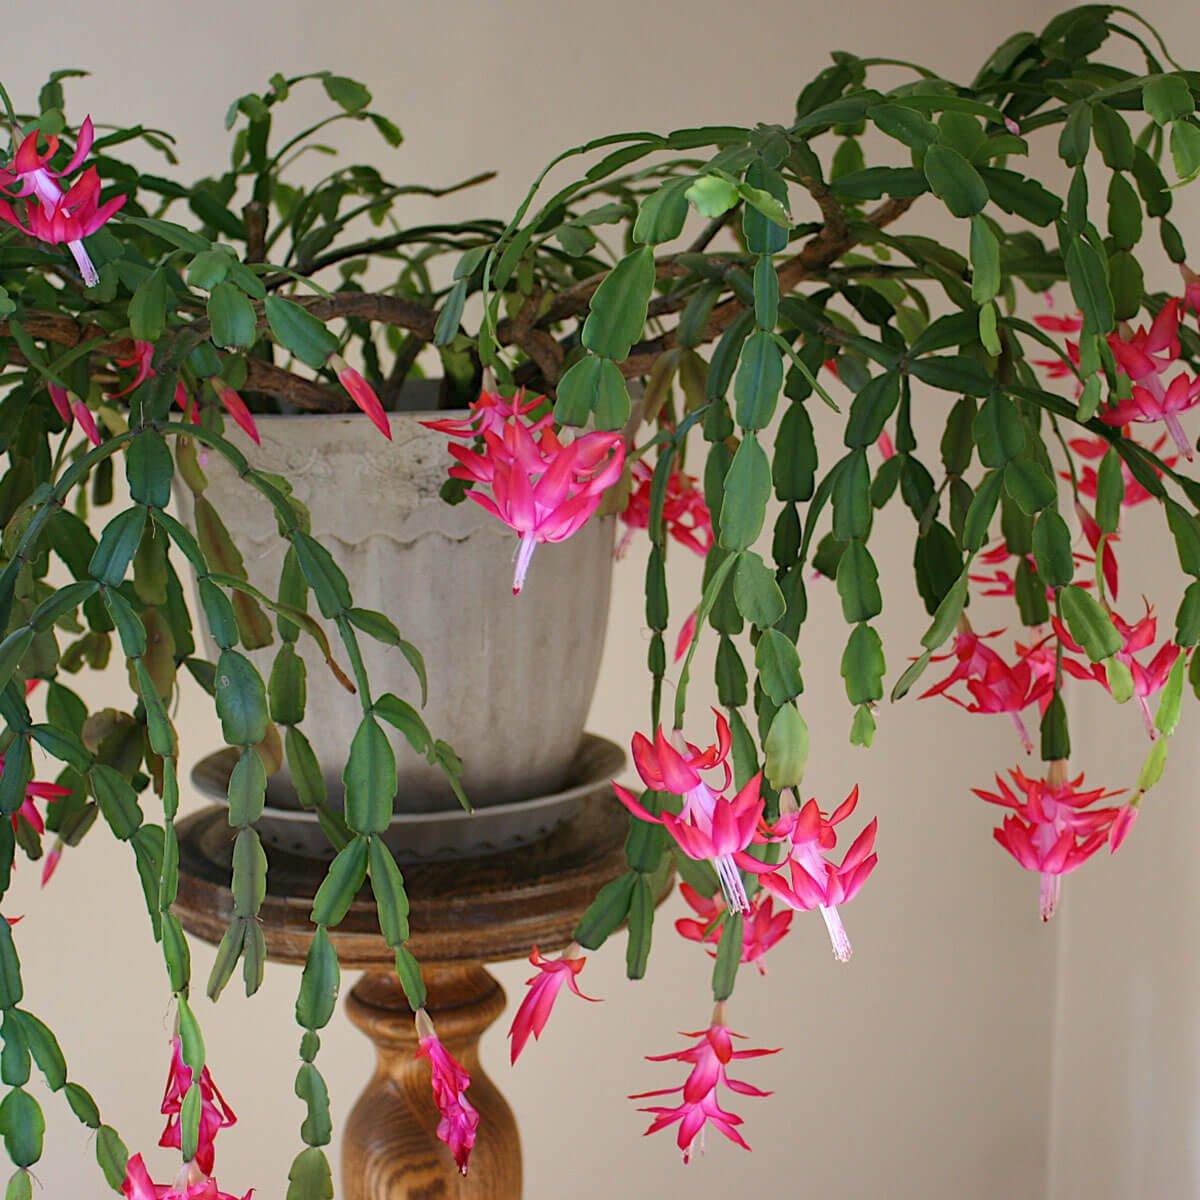 Schlumbergera x buckleyi - Christmas Cactus